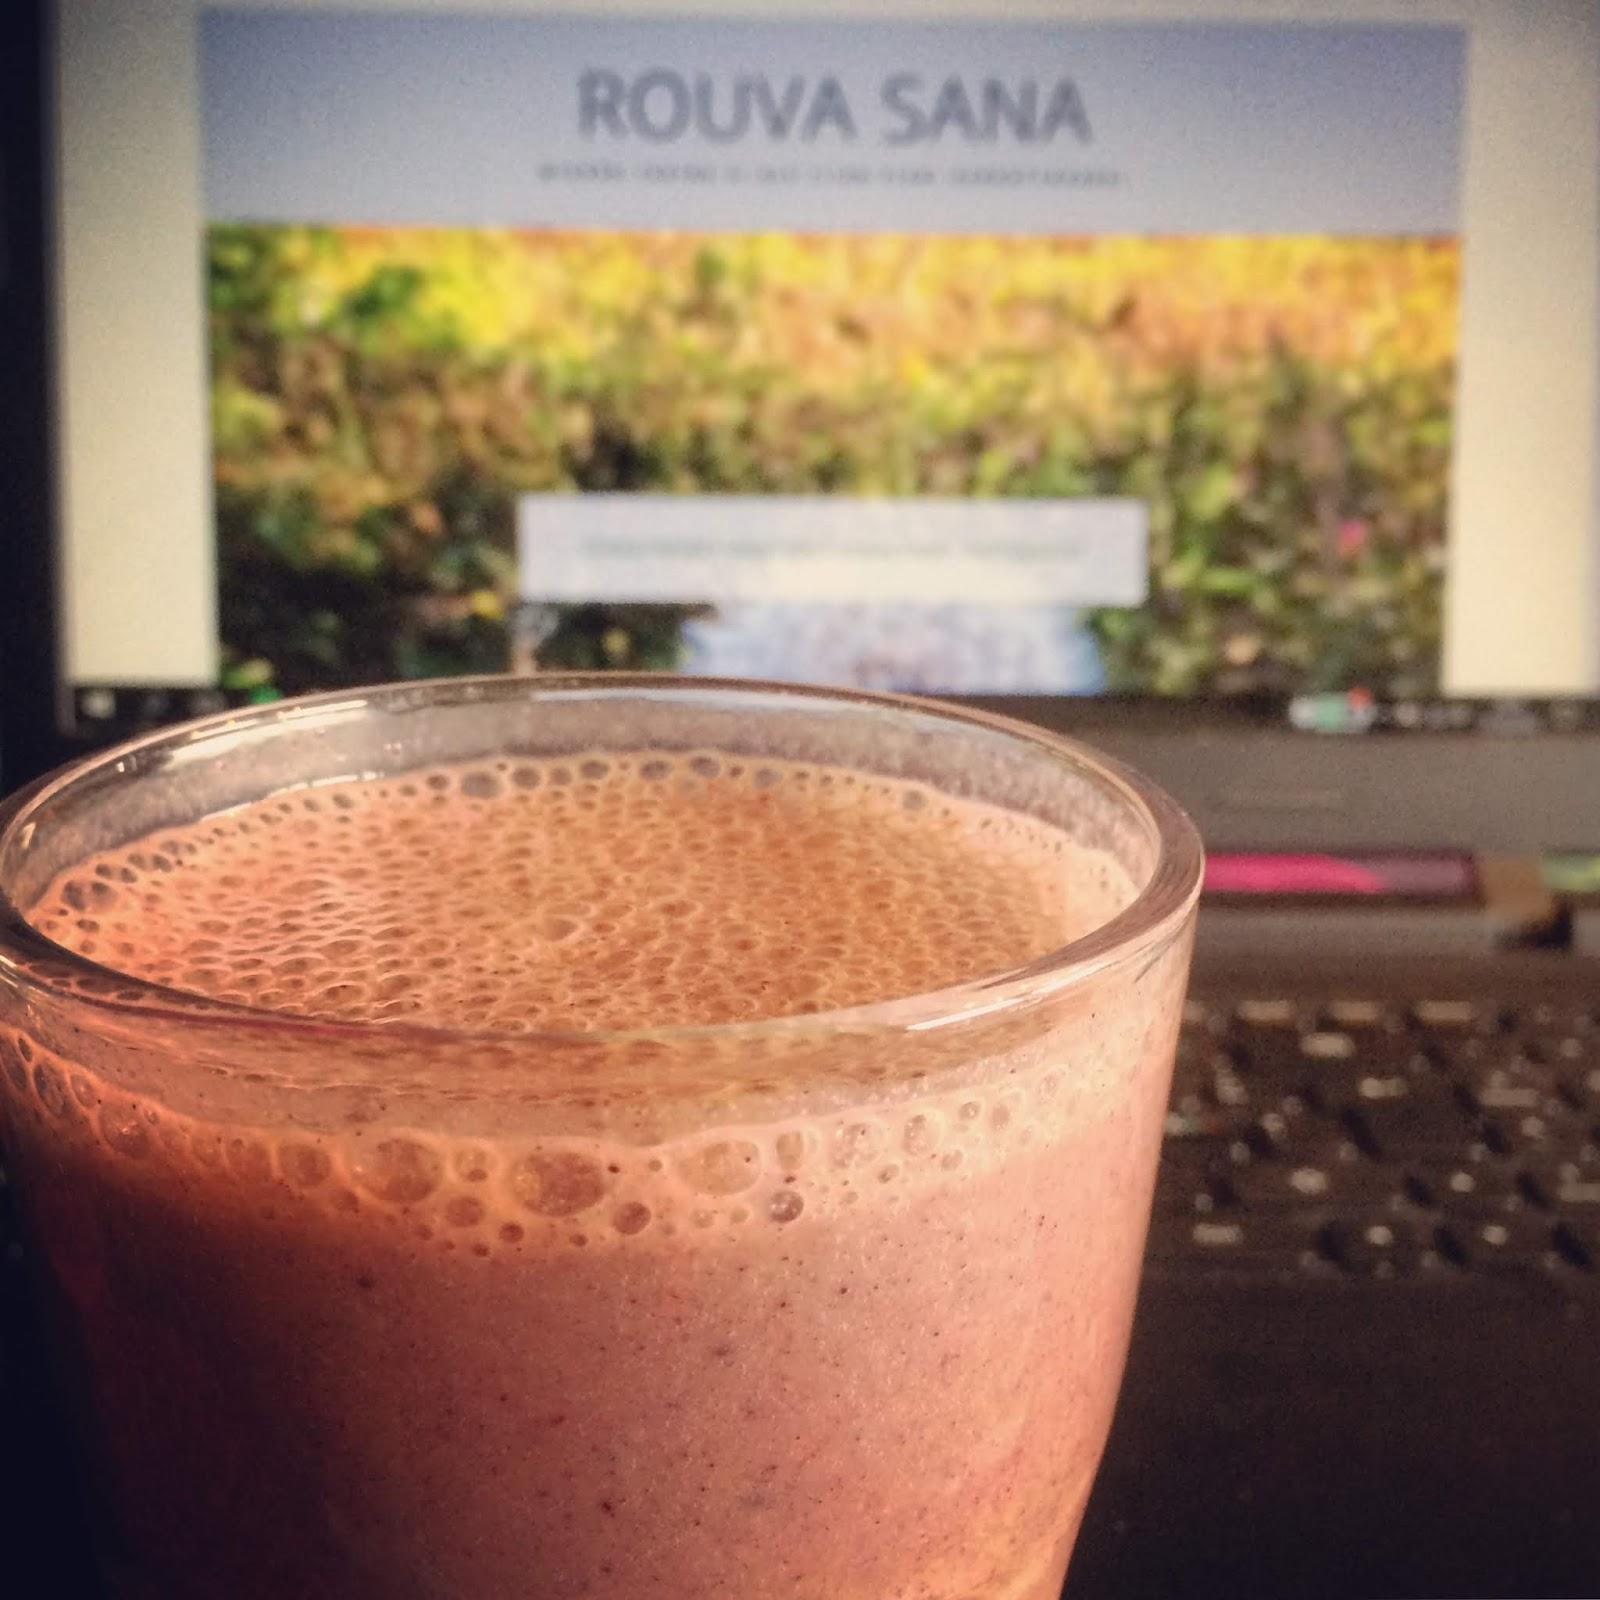 Rouva Sana, blogihaaste, Villa Kotiranta, blogi, bloggaaminen, smoothie, tauko